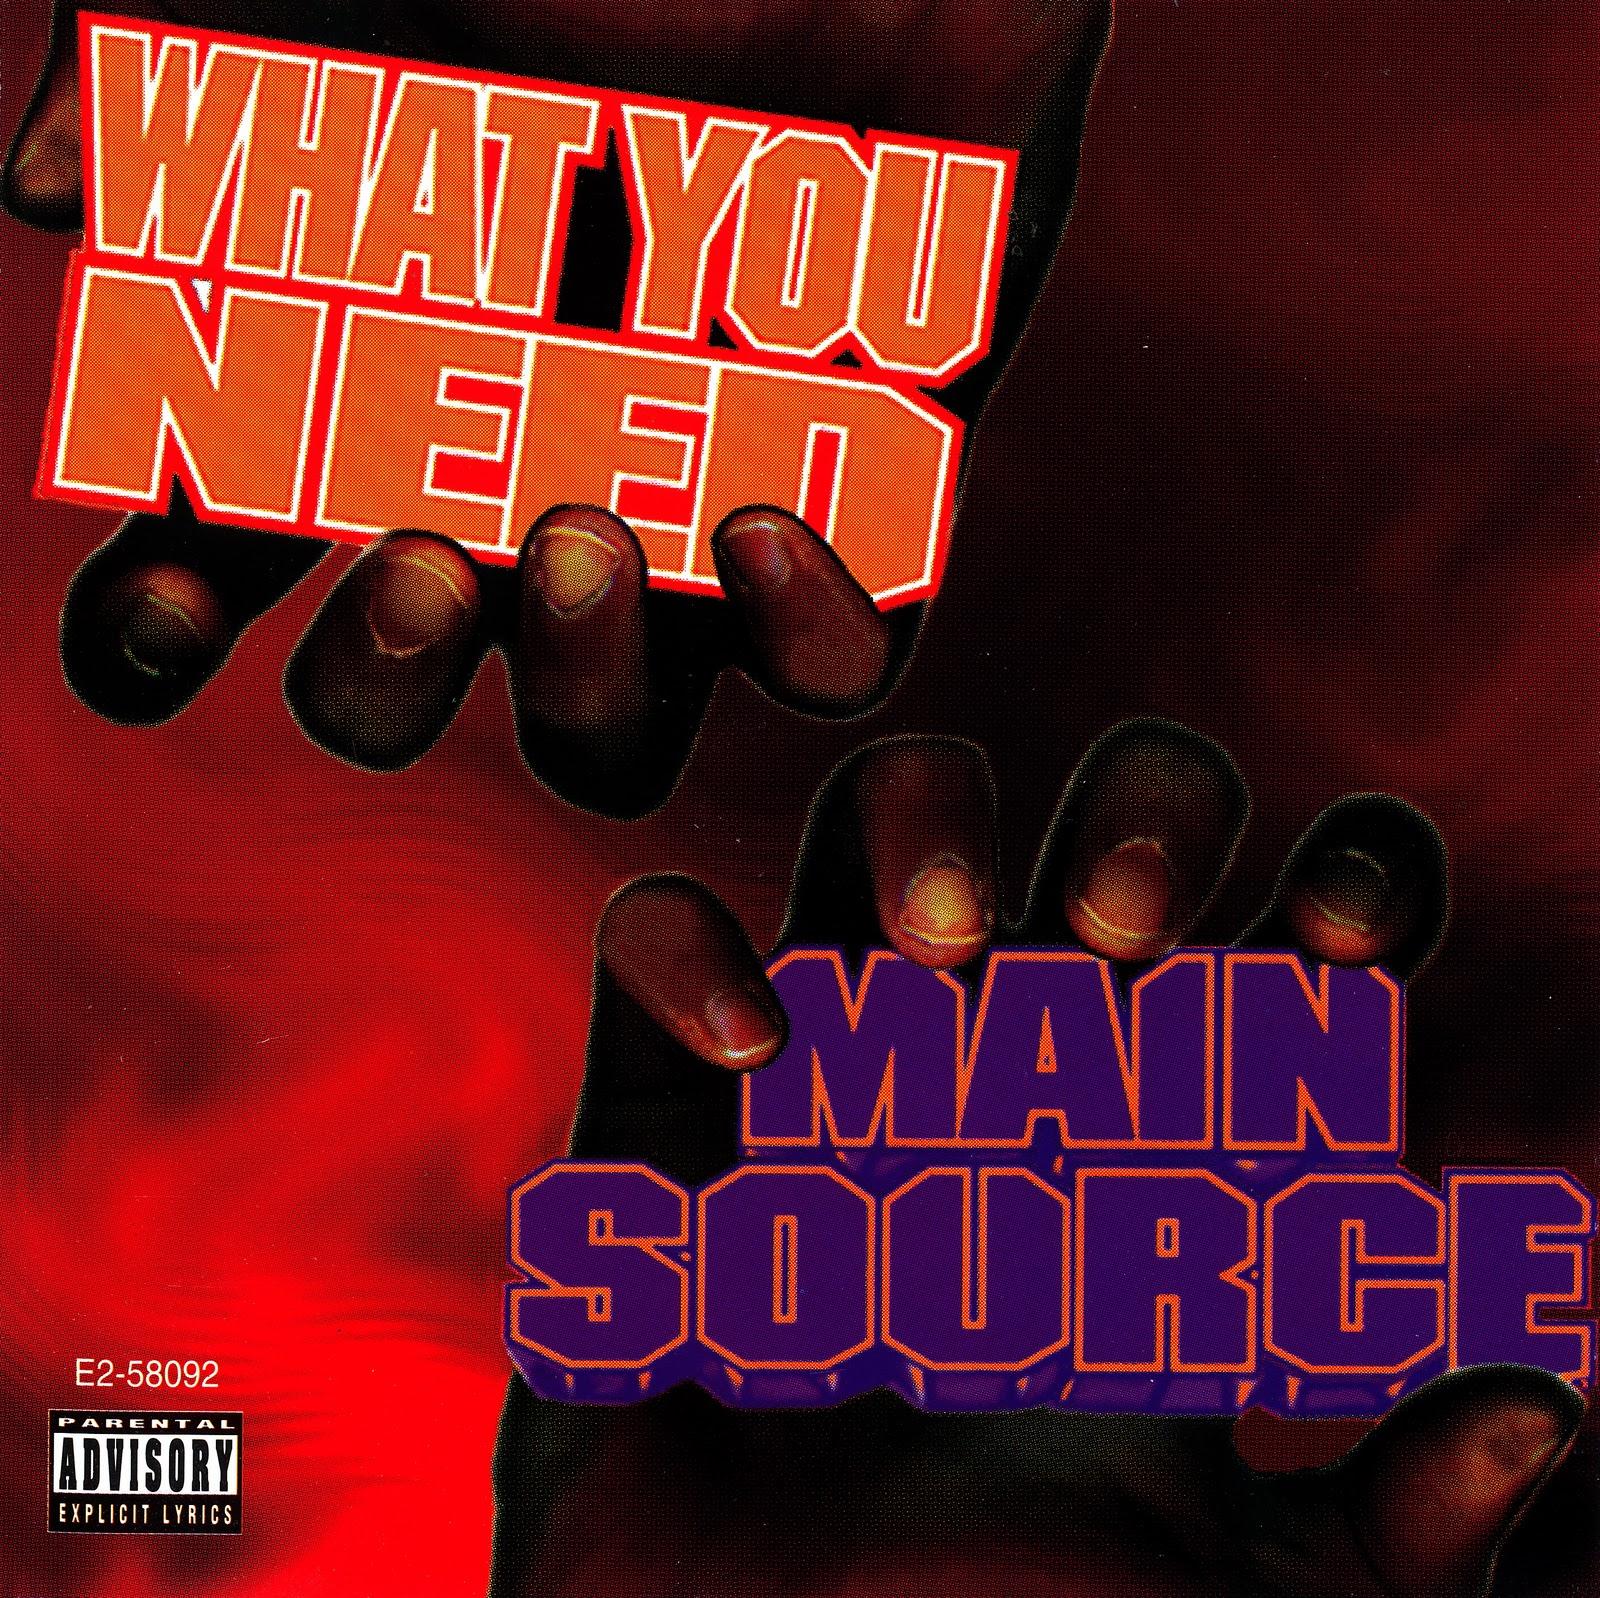 http://4.bp.blogspot.com/_7aFG1JabCYY/TU4RfYrSZYI/AAAAAAAAASo/PHNMB9nM0pQ/s1600/Main+Source+What_0005.jpg